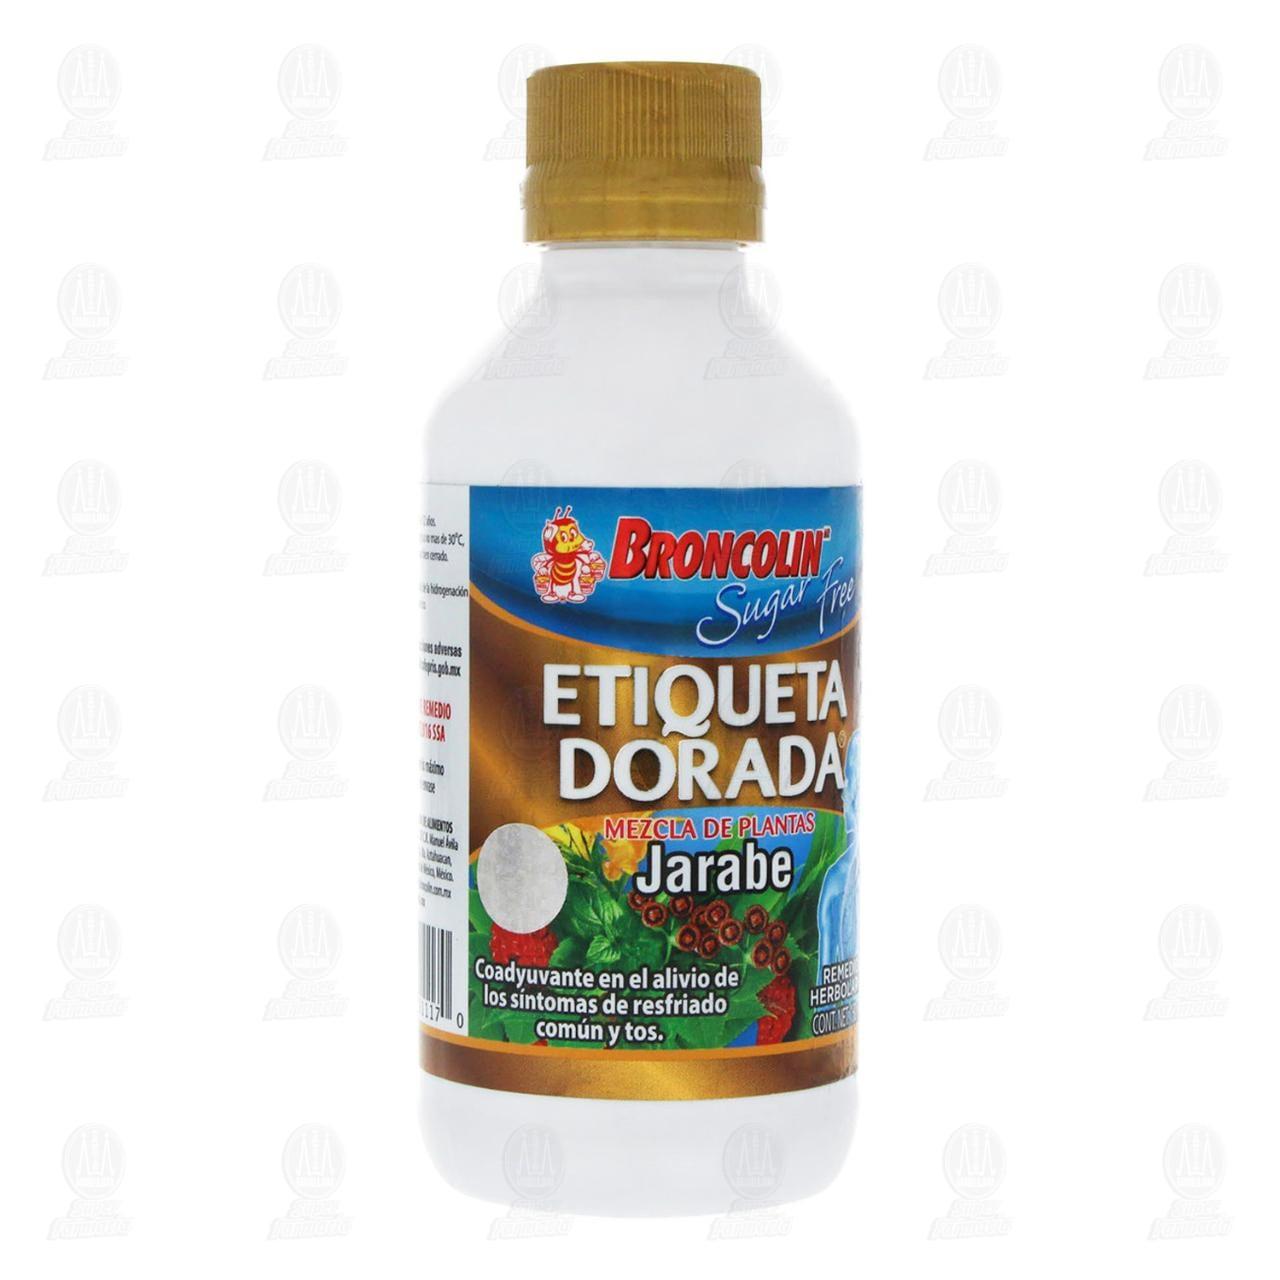 Comprar Broncolin Etiqueta Dorada Sugar Free Jarabe 150ml en Farmacias Guadalajara